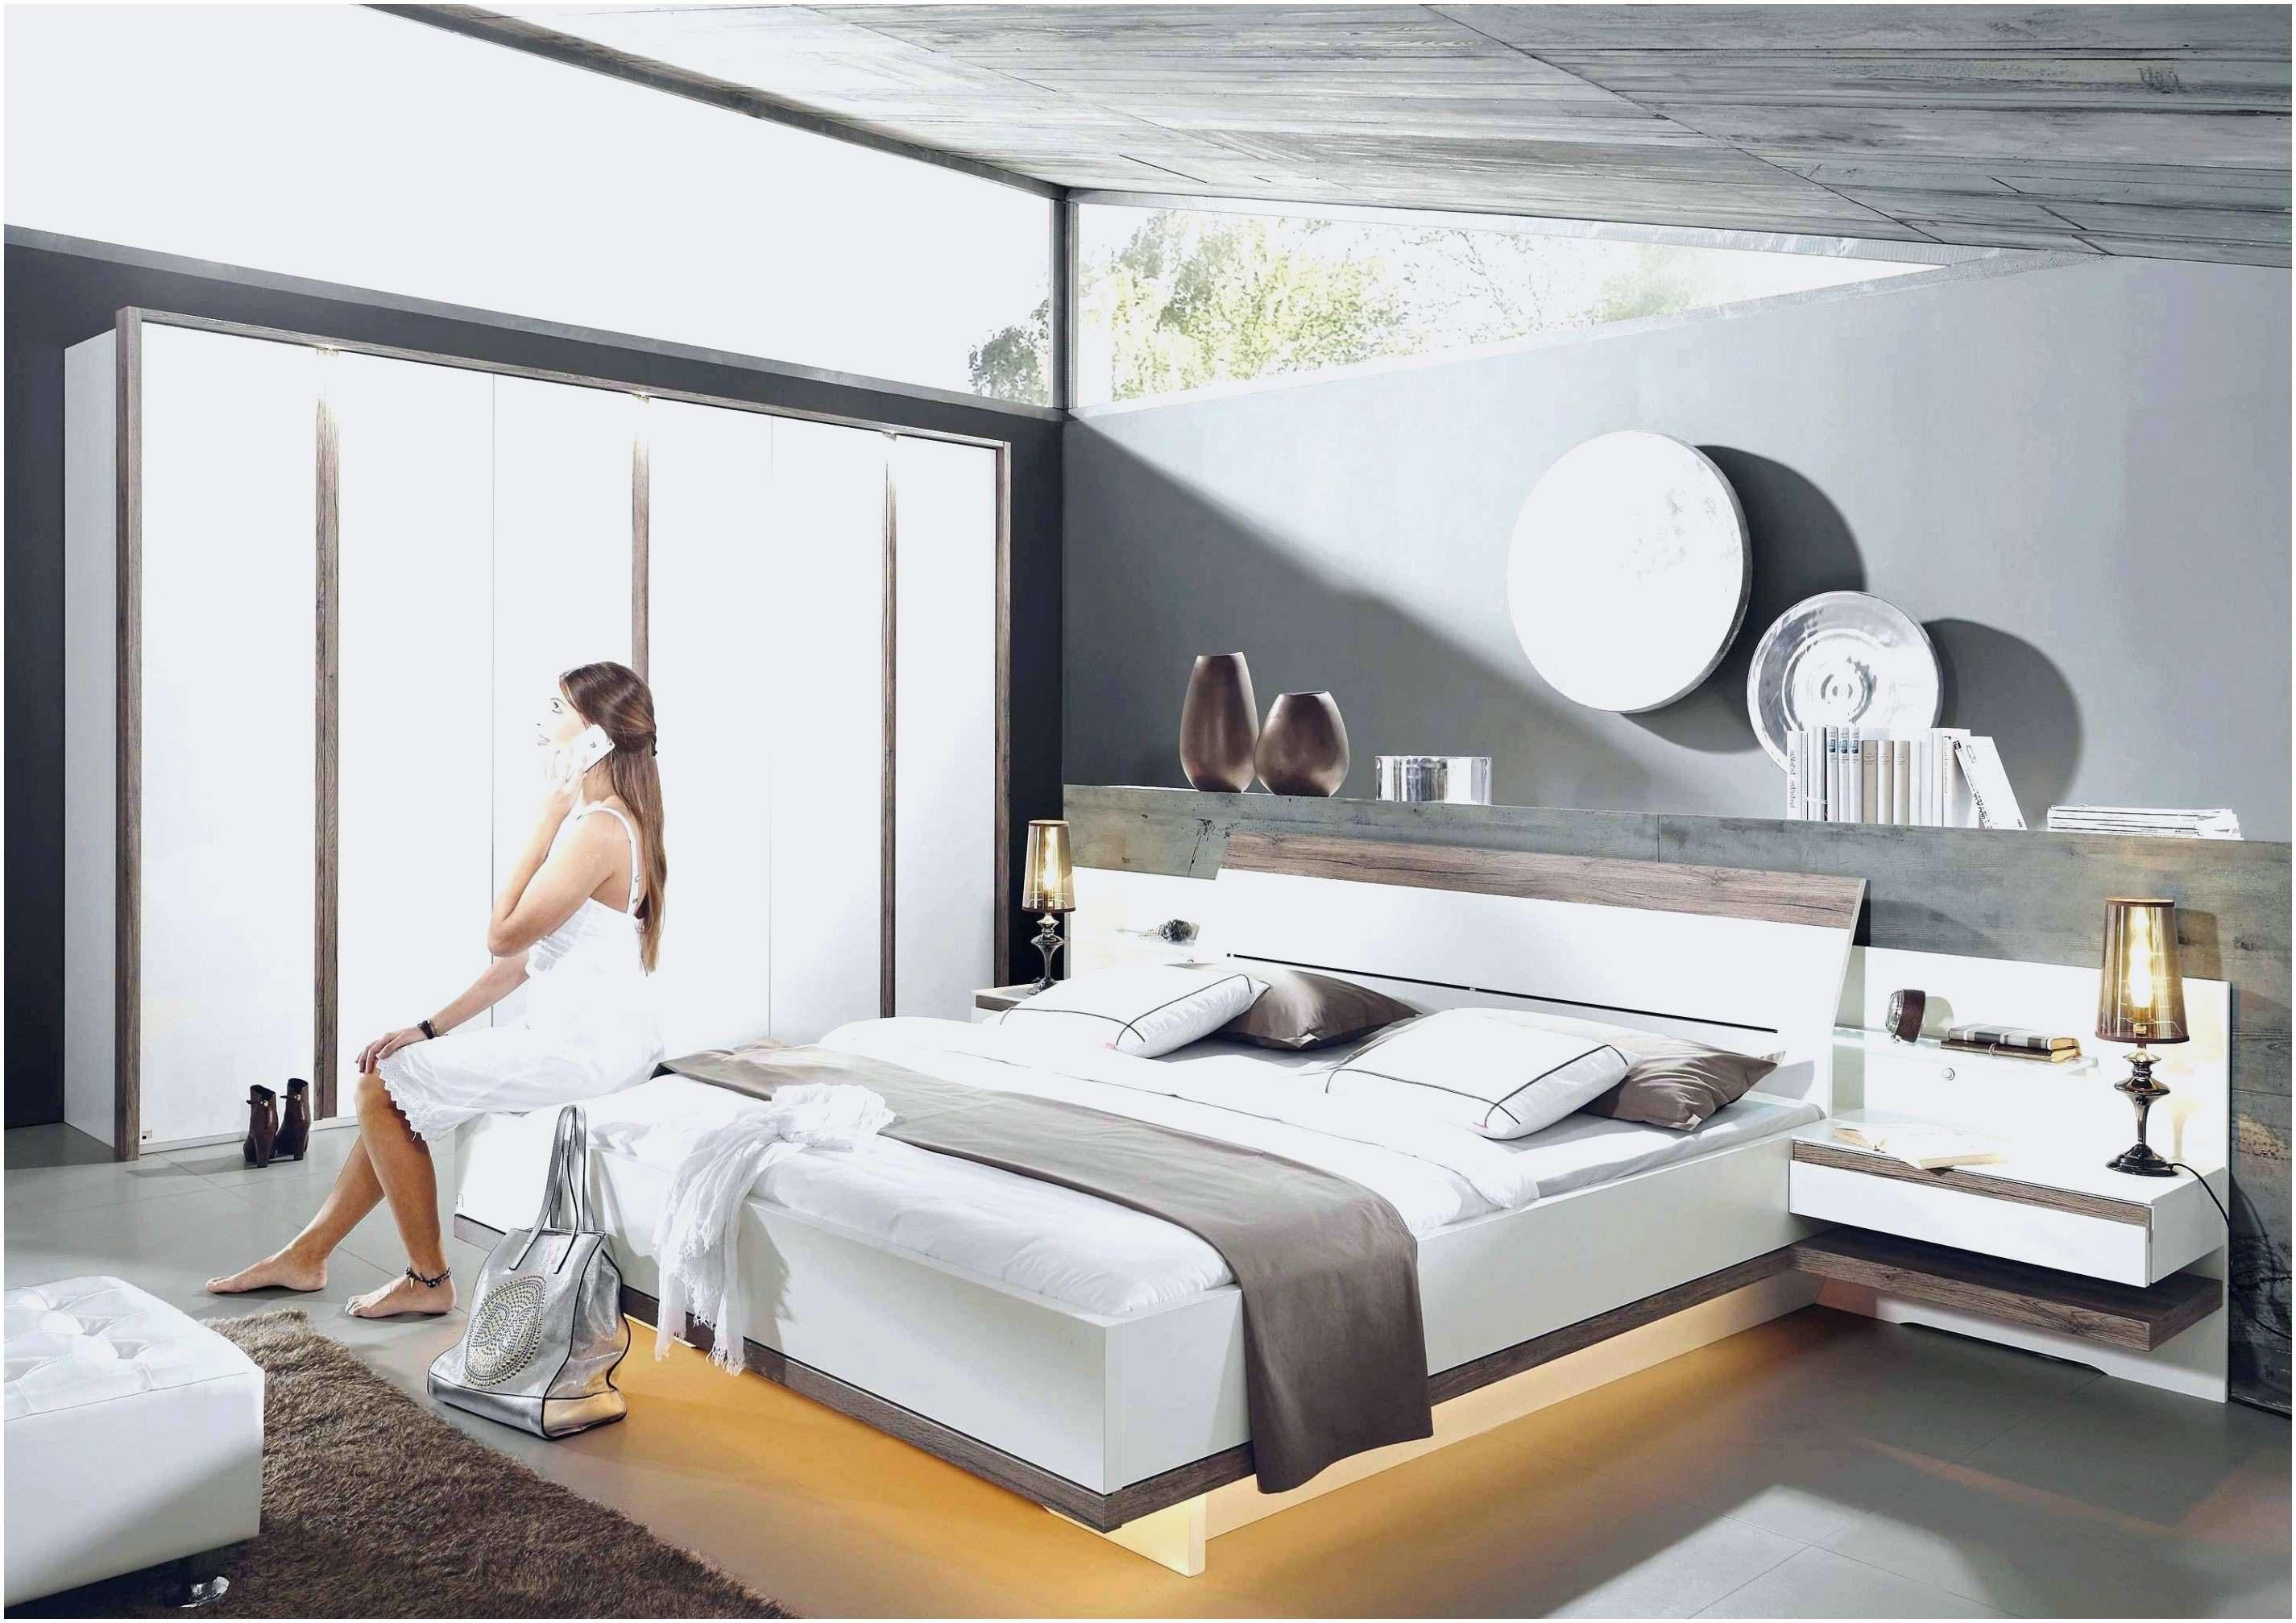 Lit Mezzanine 160×200 Nouveau Nouveau Structure Lit 160—200 Entourage De Lit Adulte Inspirational